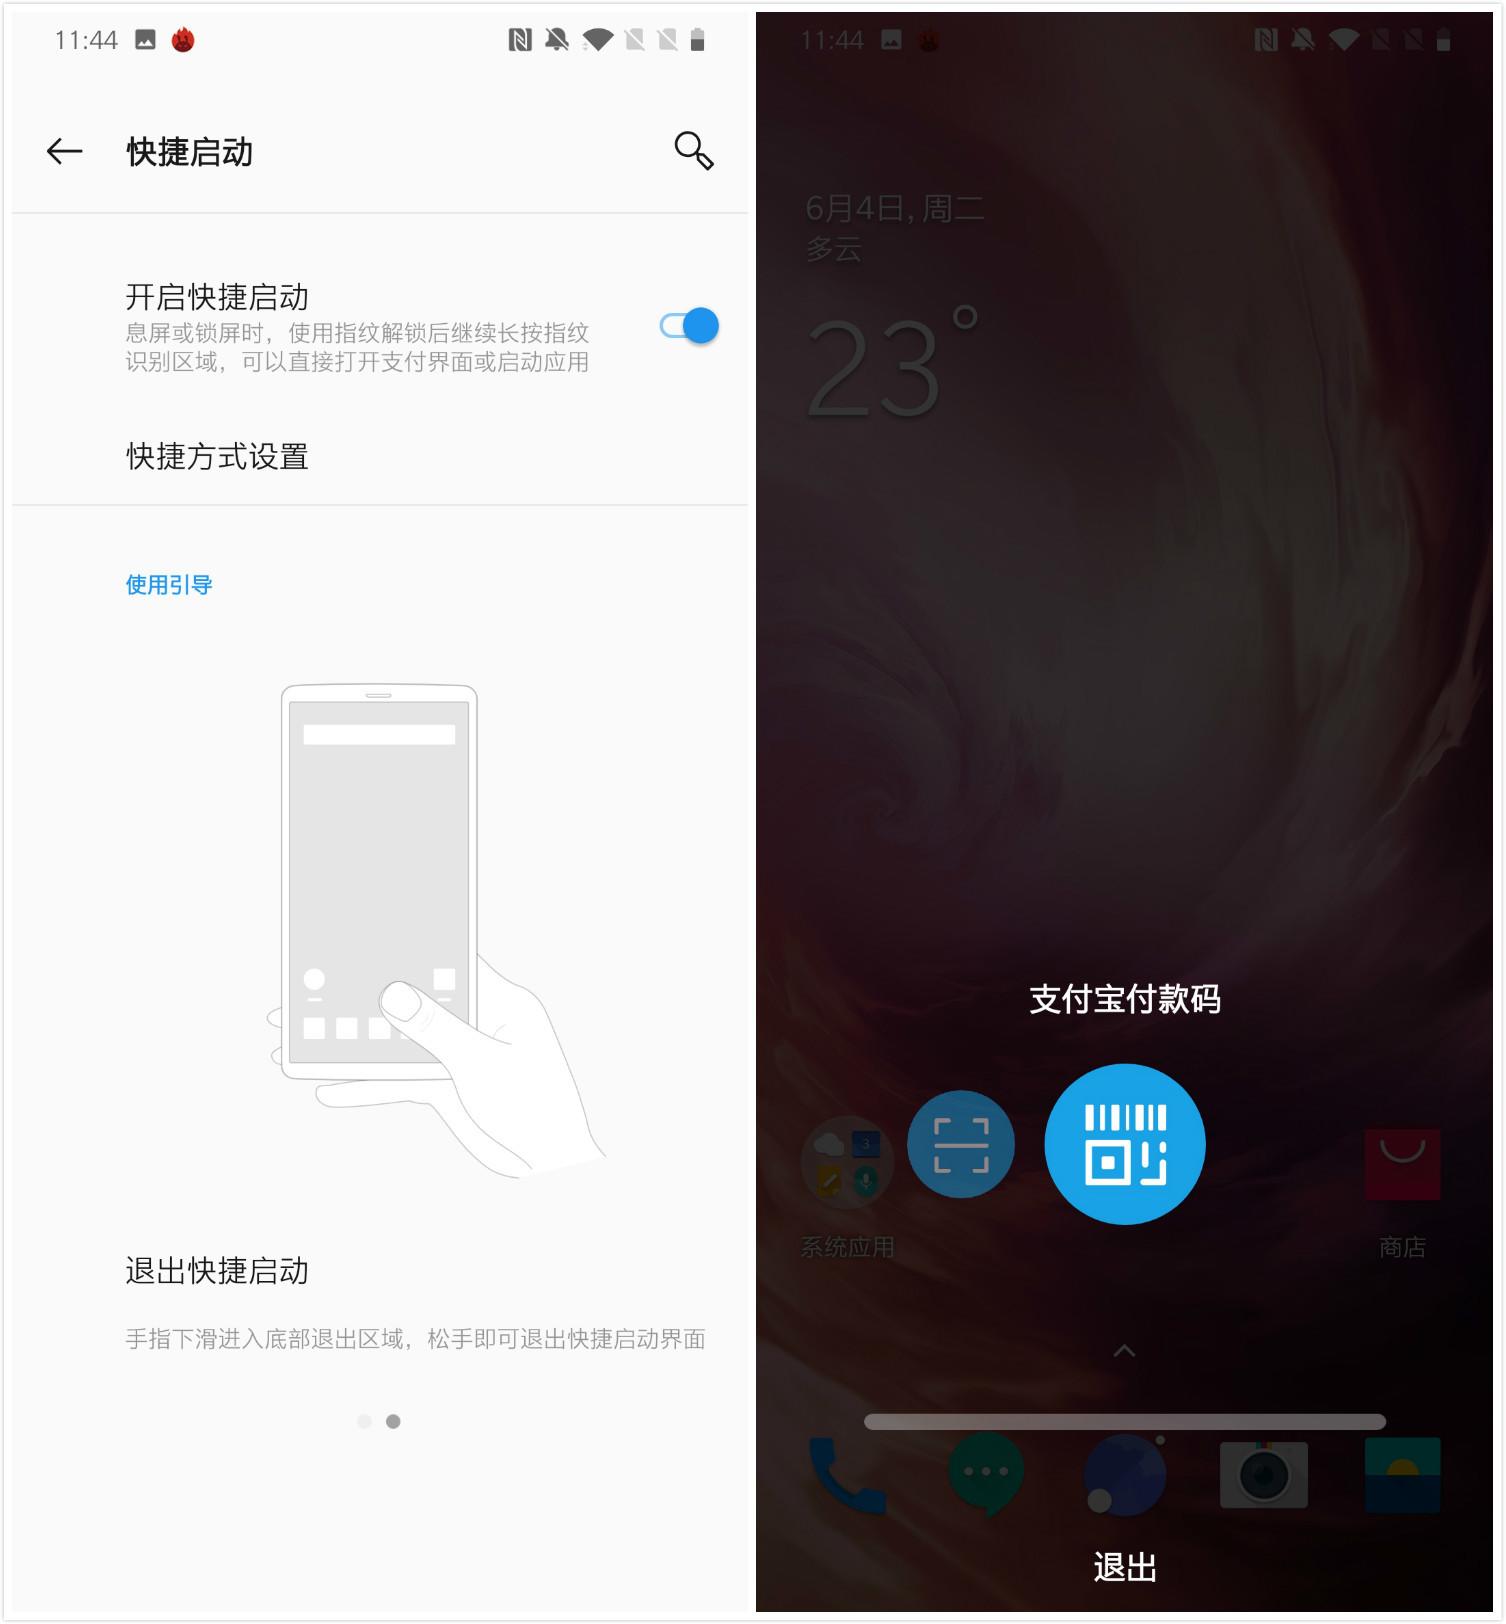 一加手机7(12+256GB)手机功能界面第4张